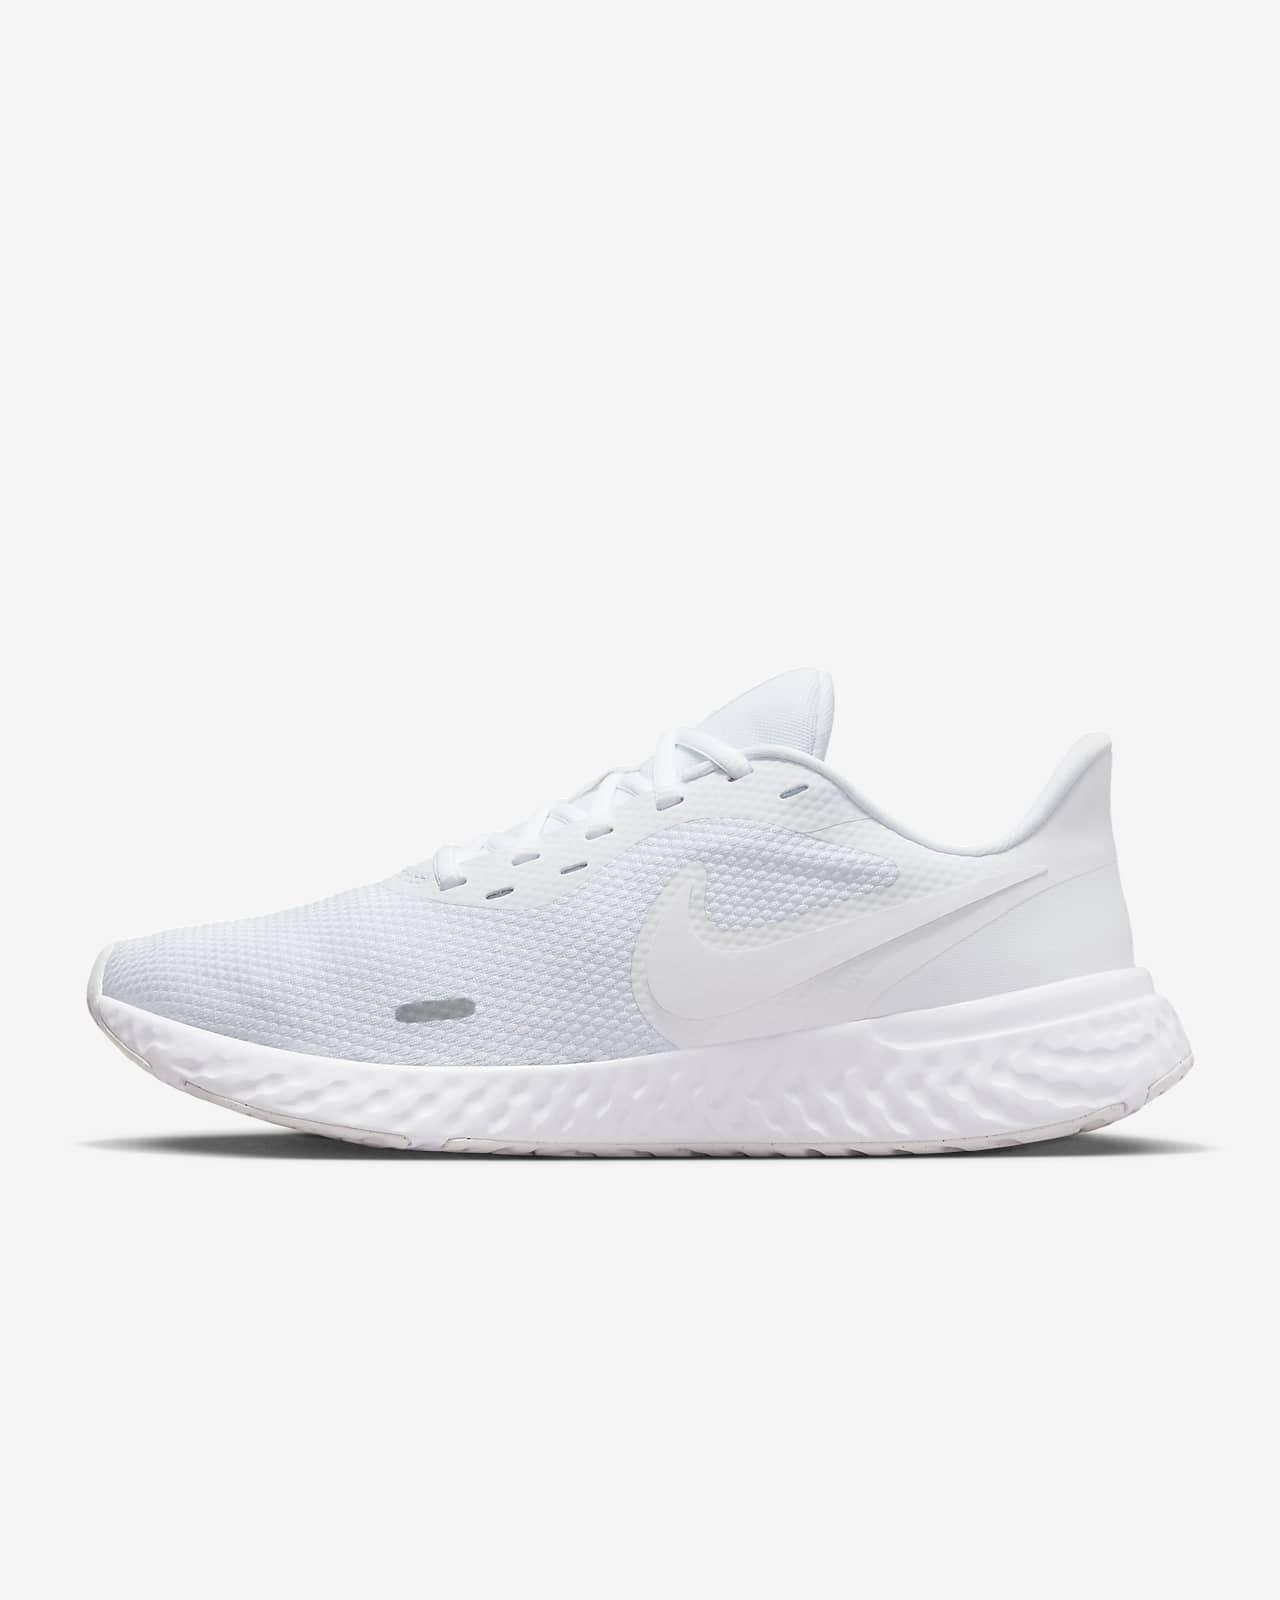 Pánská běžecká bota Nike Revolution 5